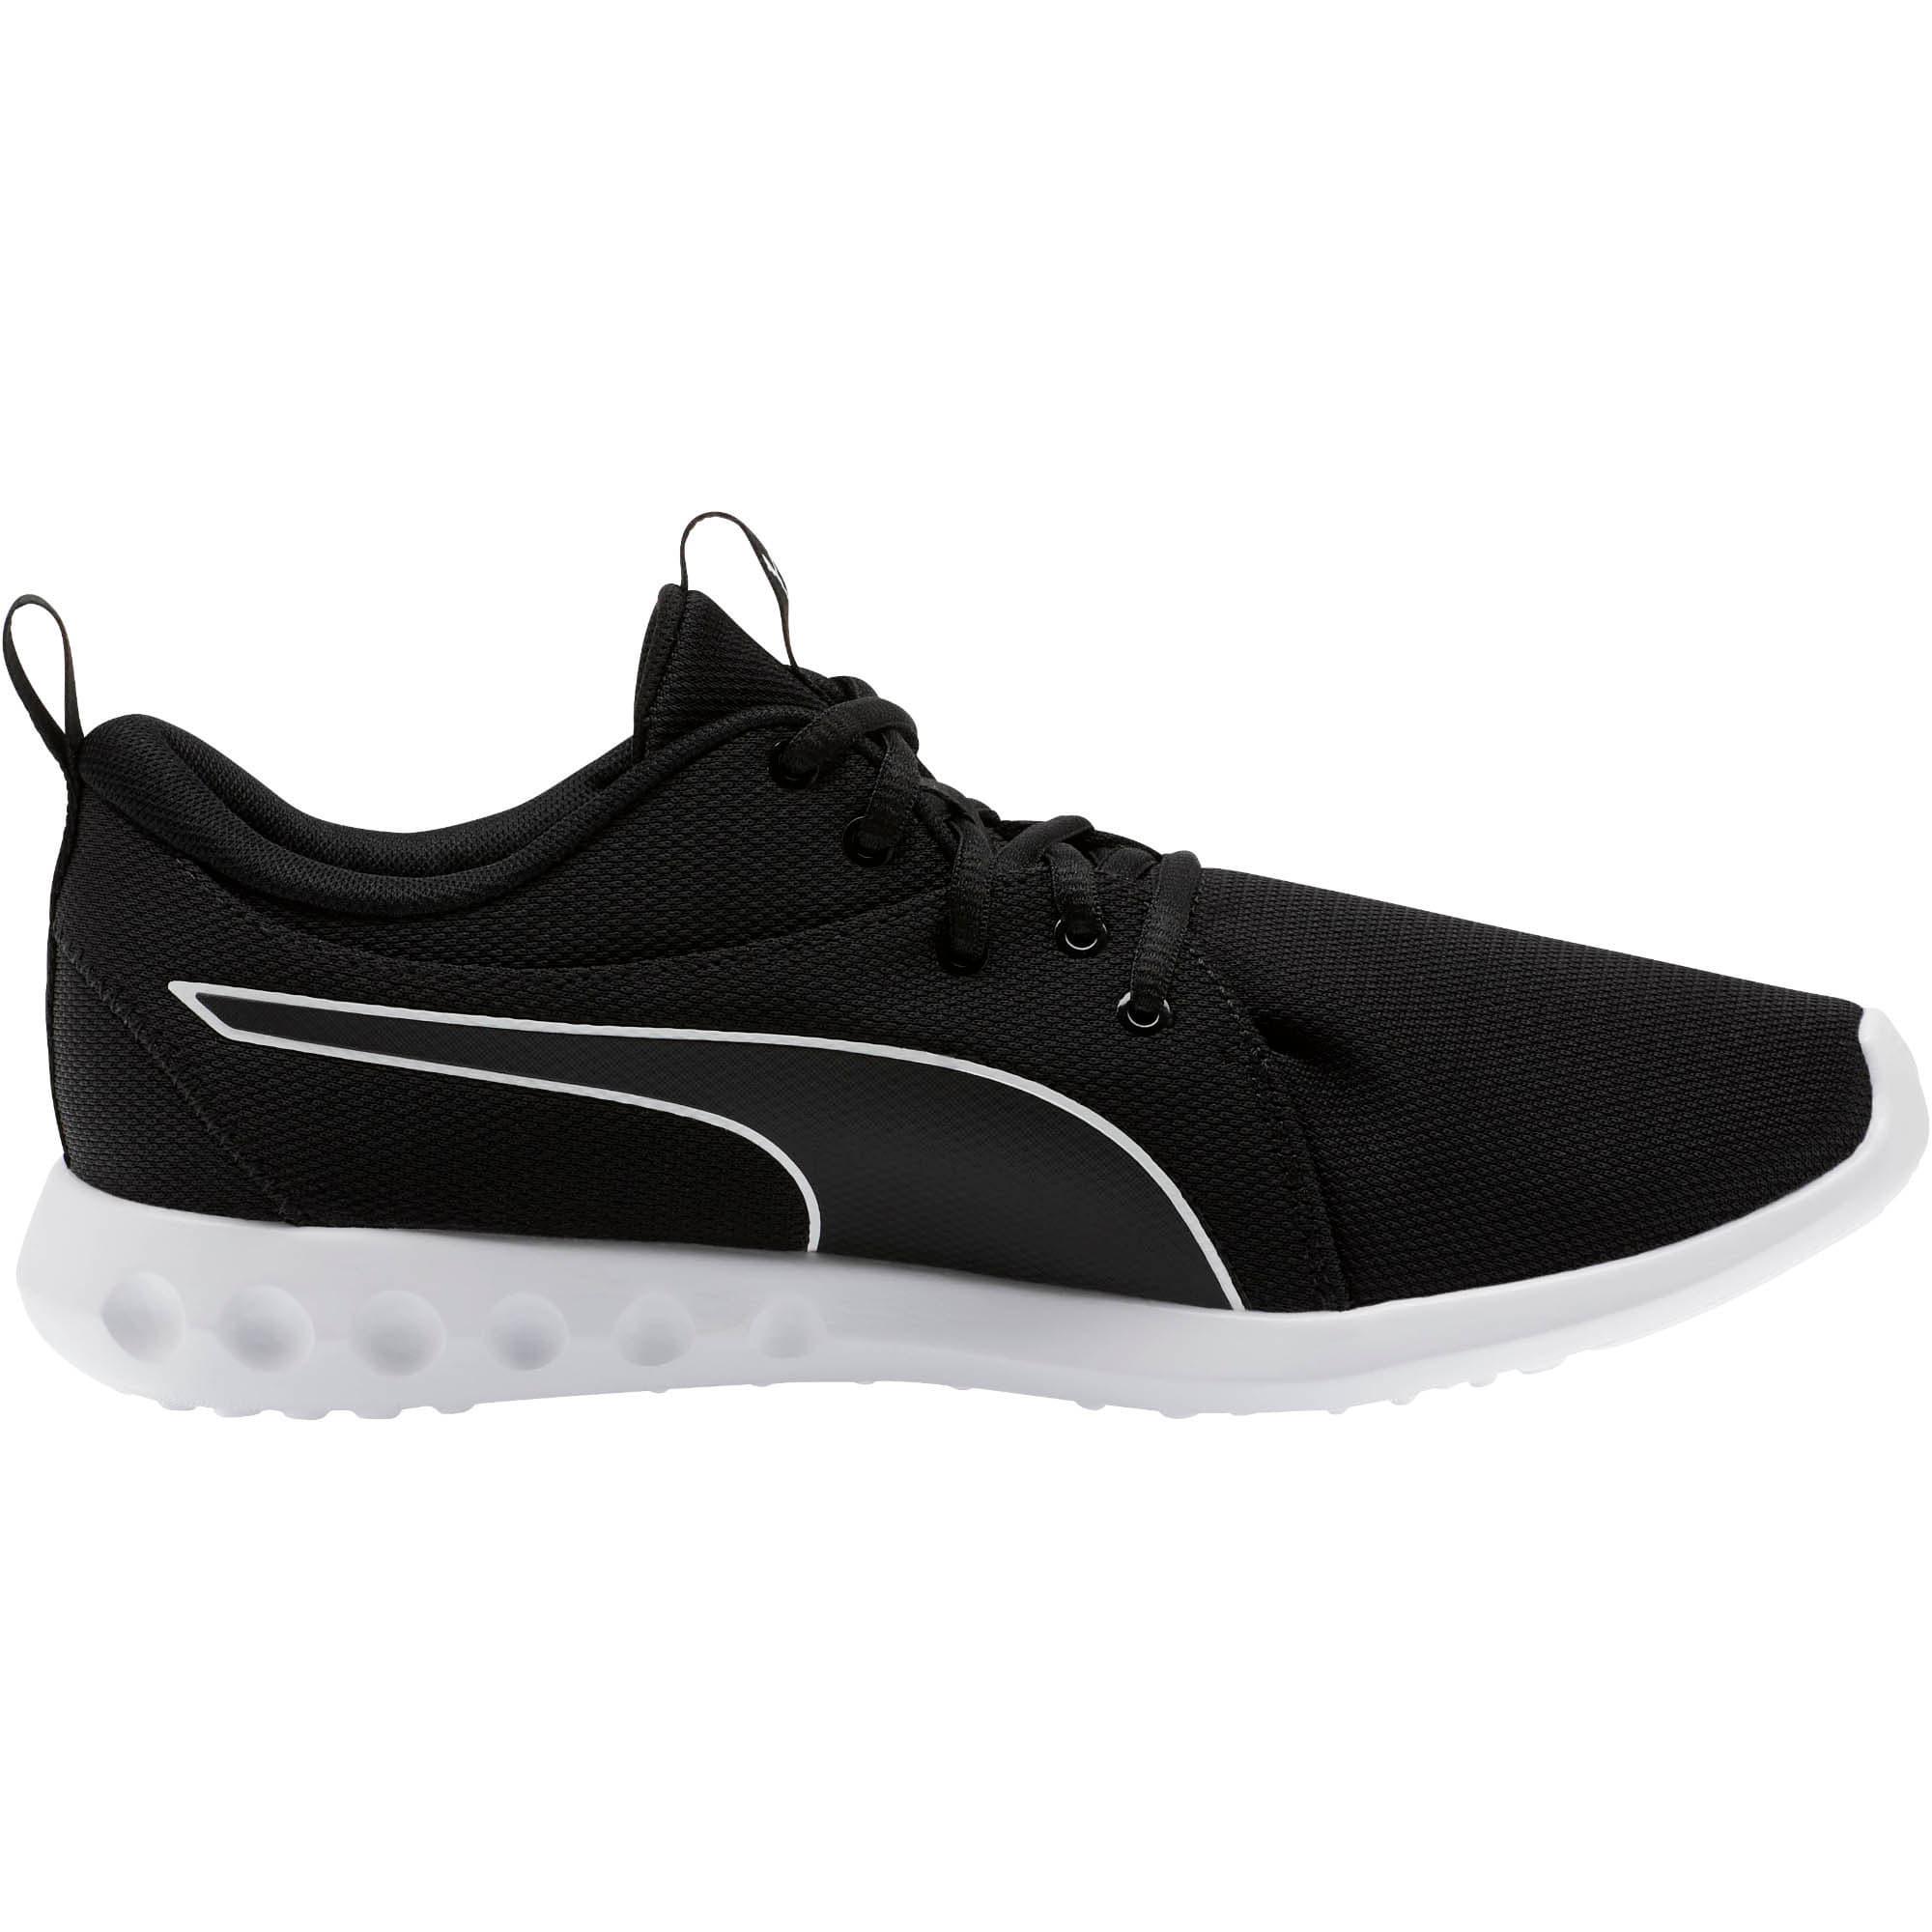 Miniatura 4 de Zapatos para correr Carson 2 Cosmo para hombre, Puma Black-Puma White, mediano